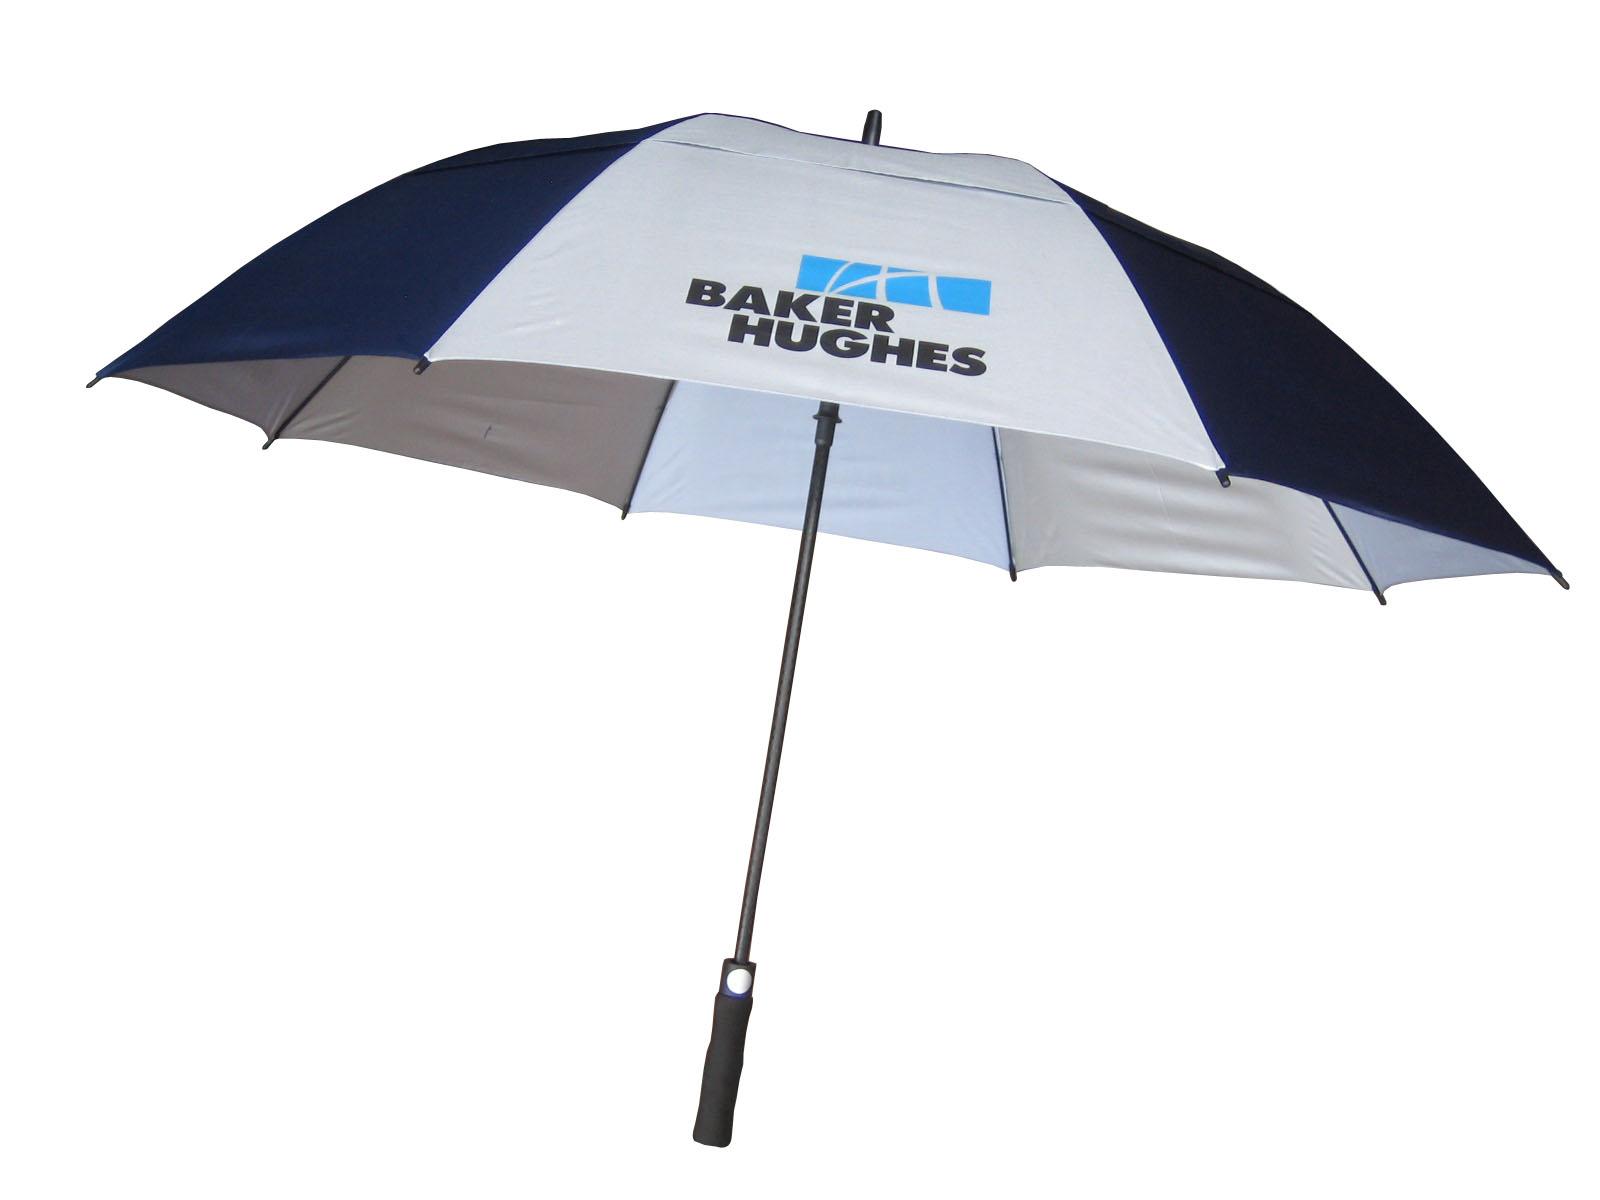 ô dù cầm tay R75-2